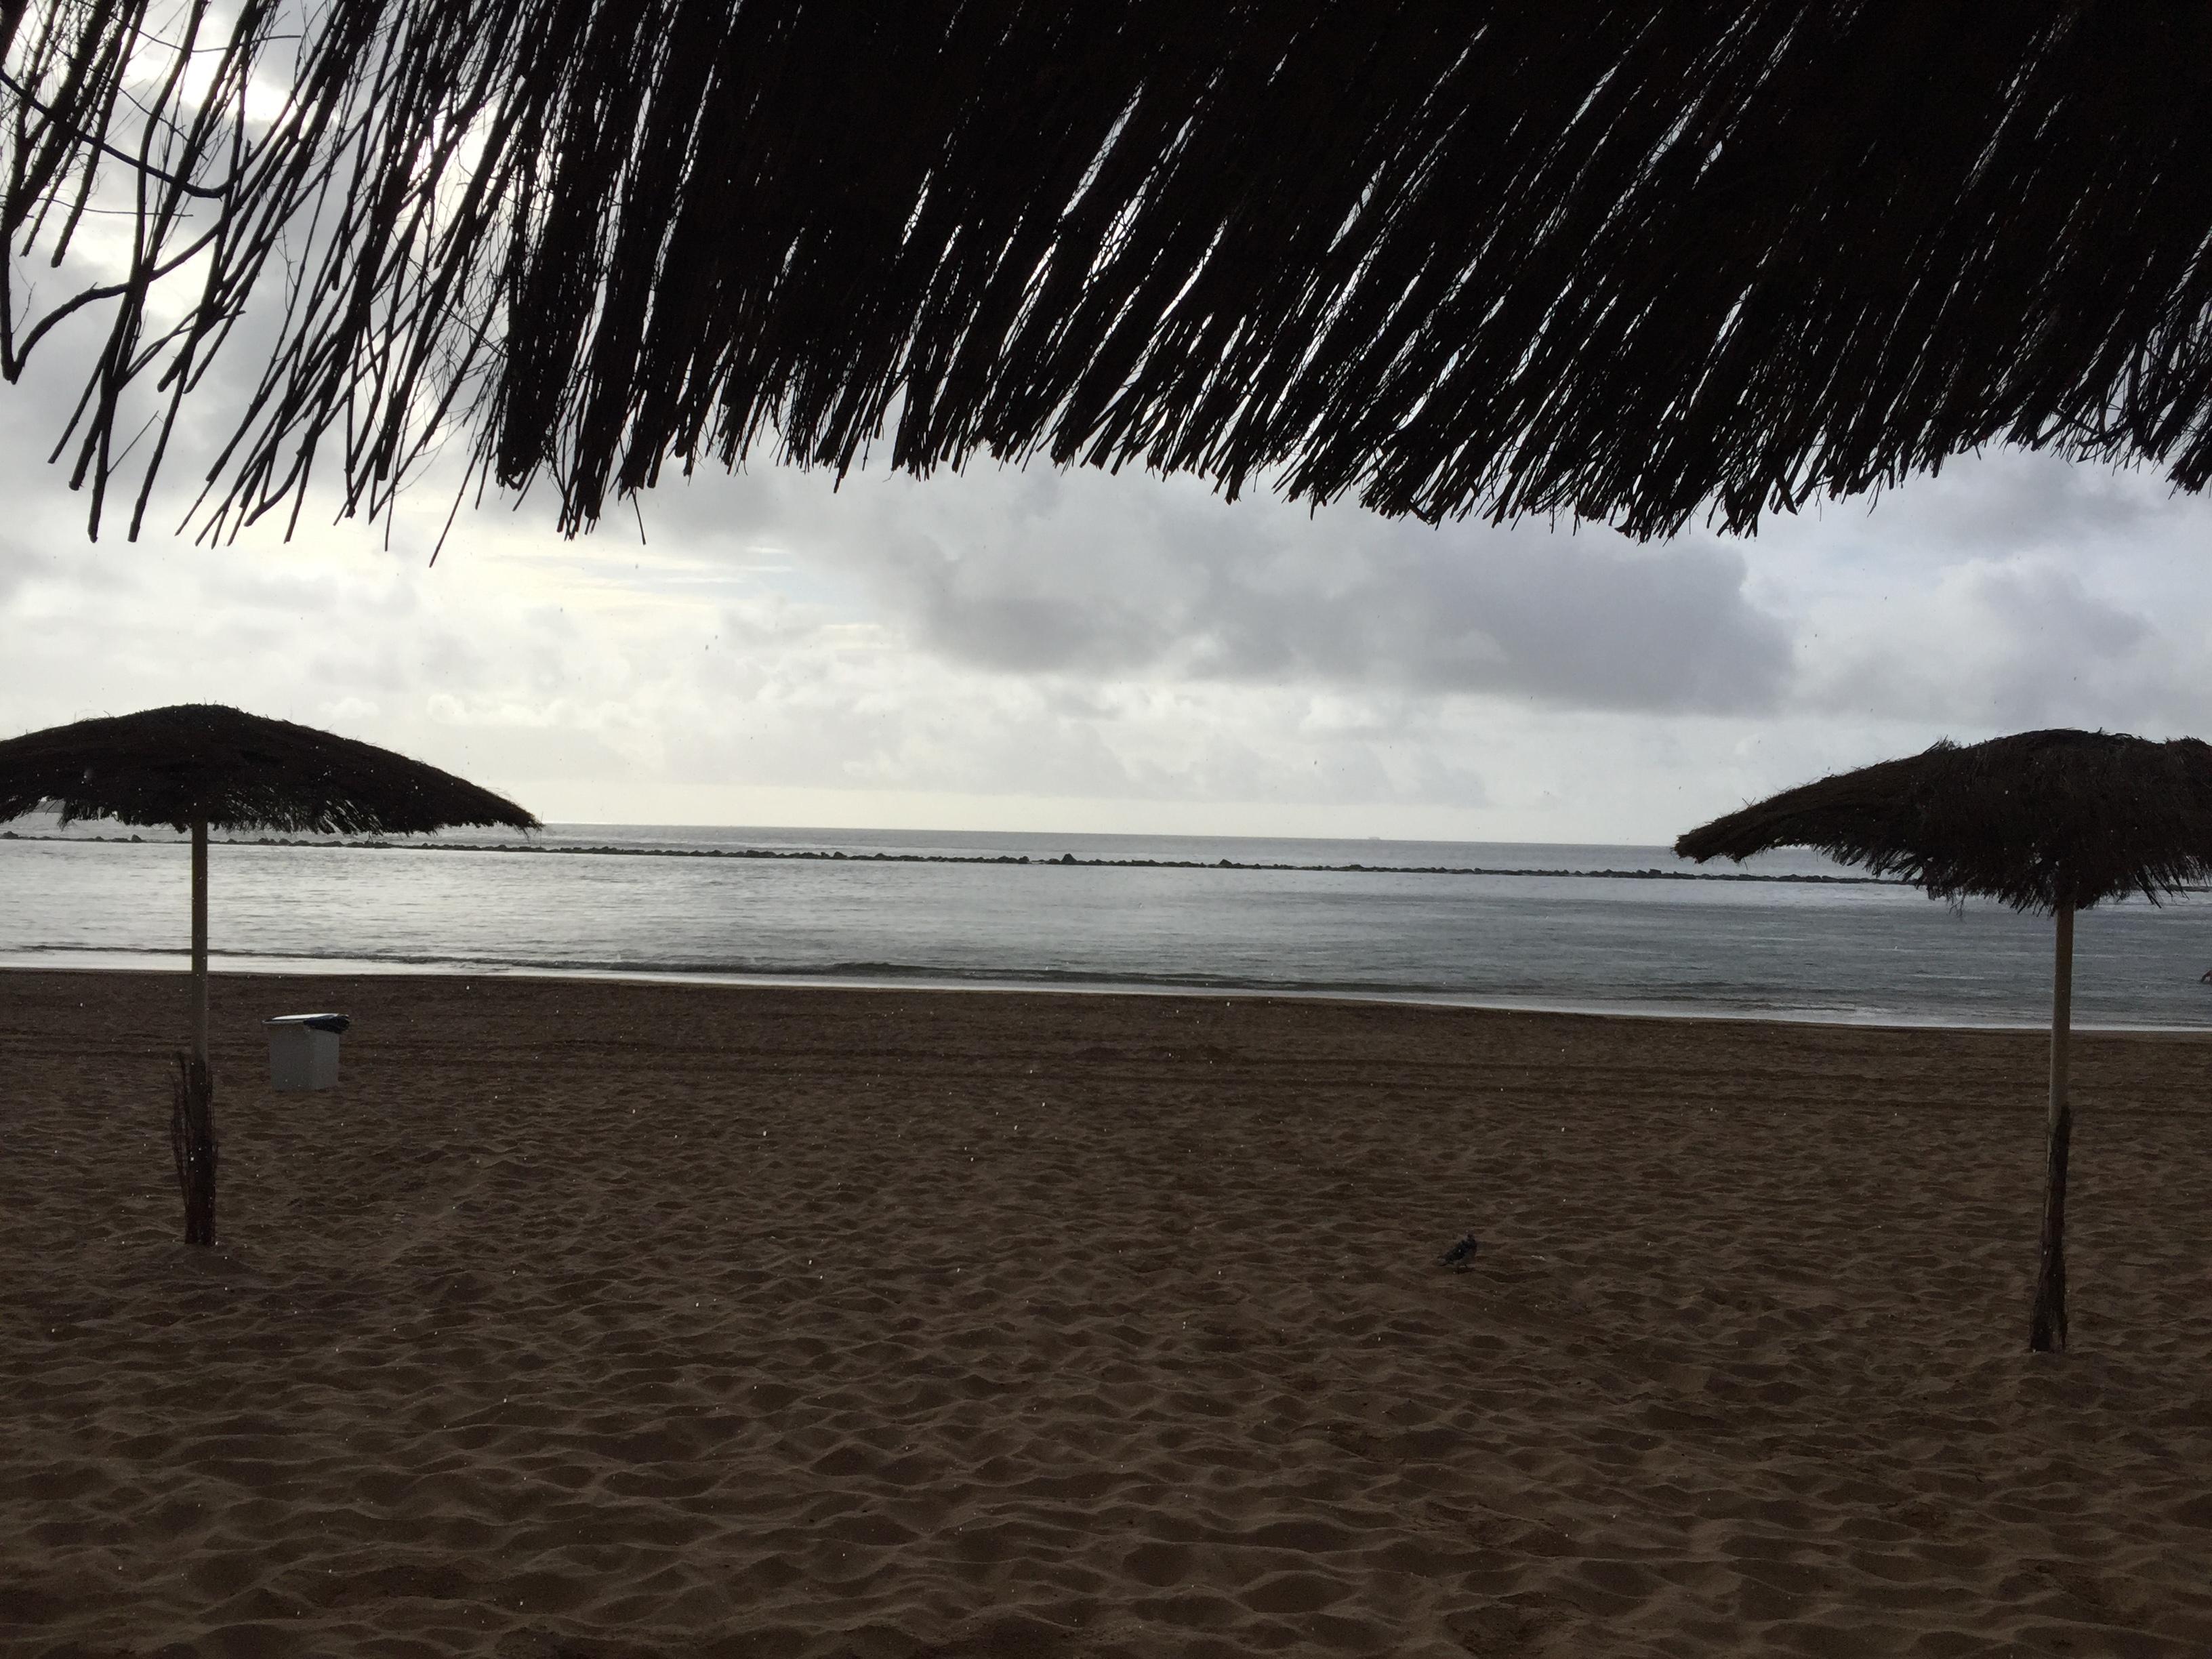 Moadiario Playa de las Teresitas Tenerife